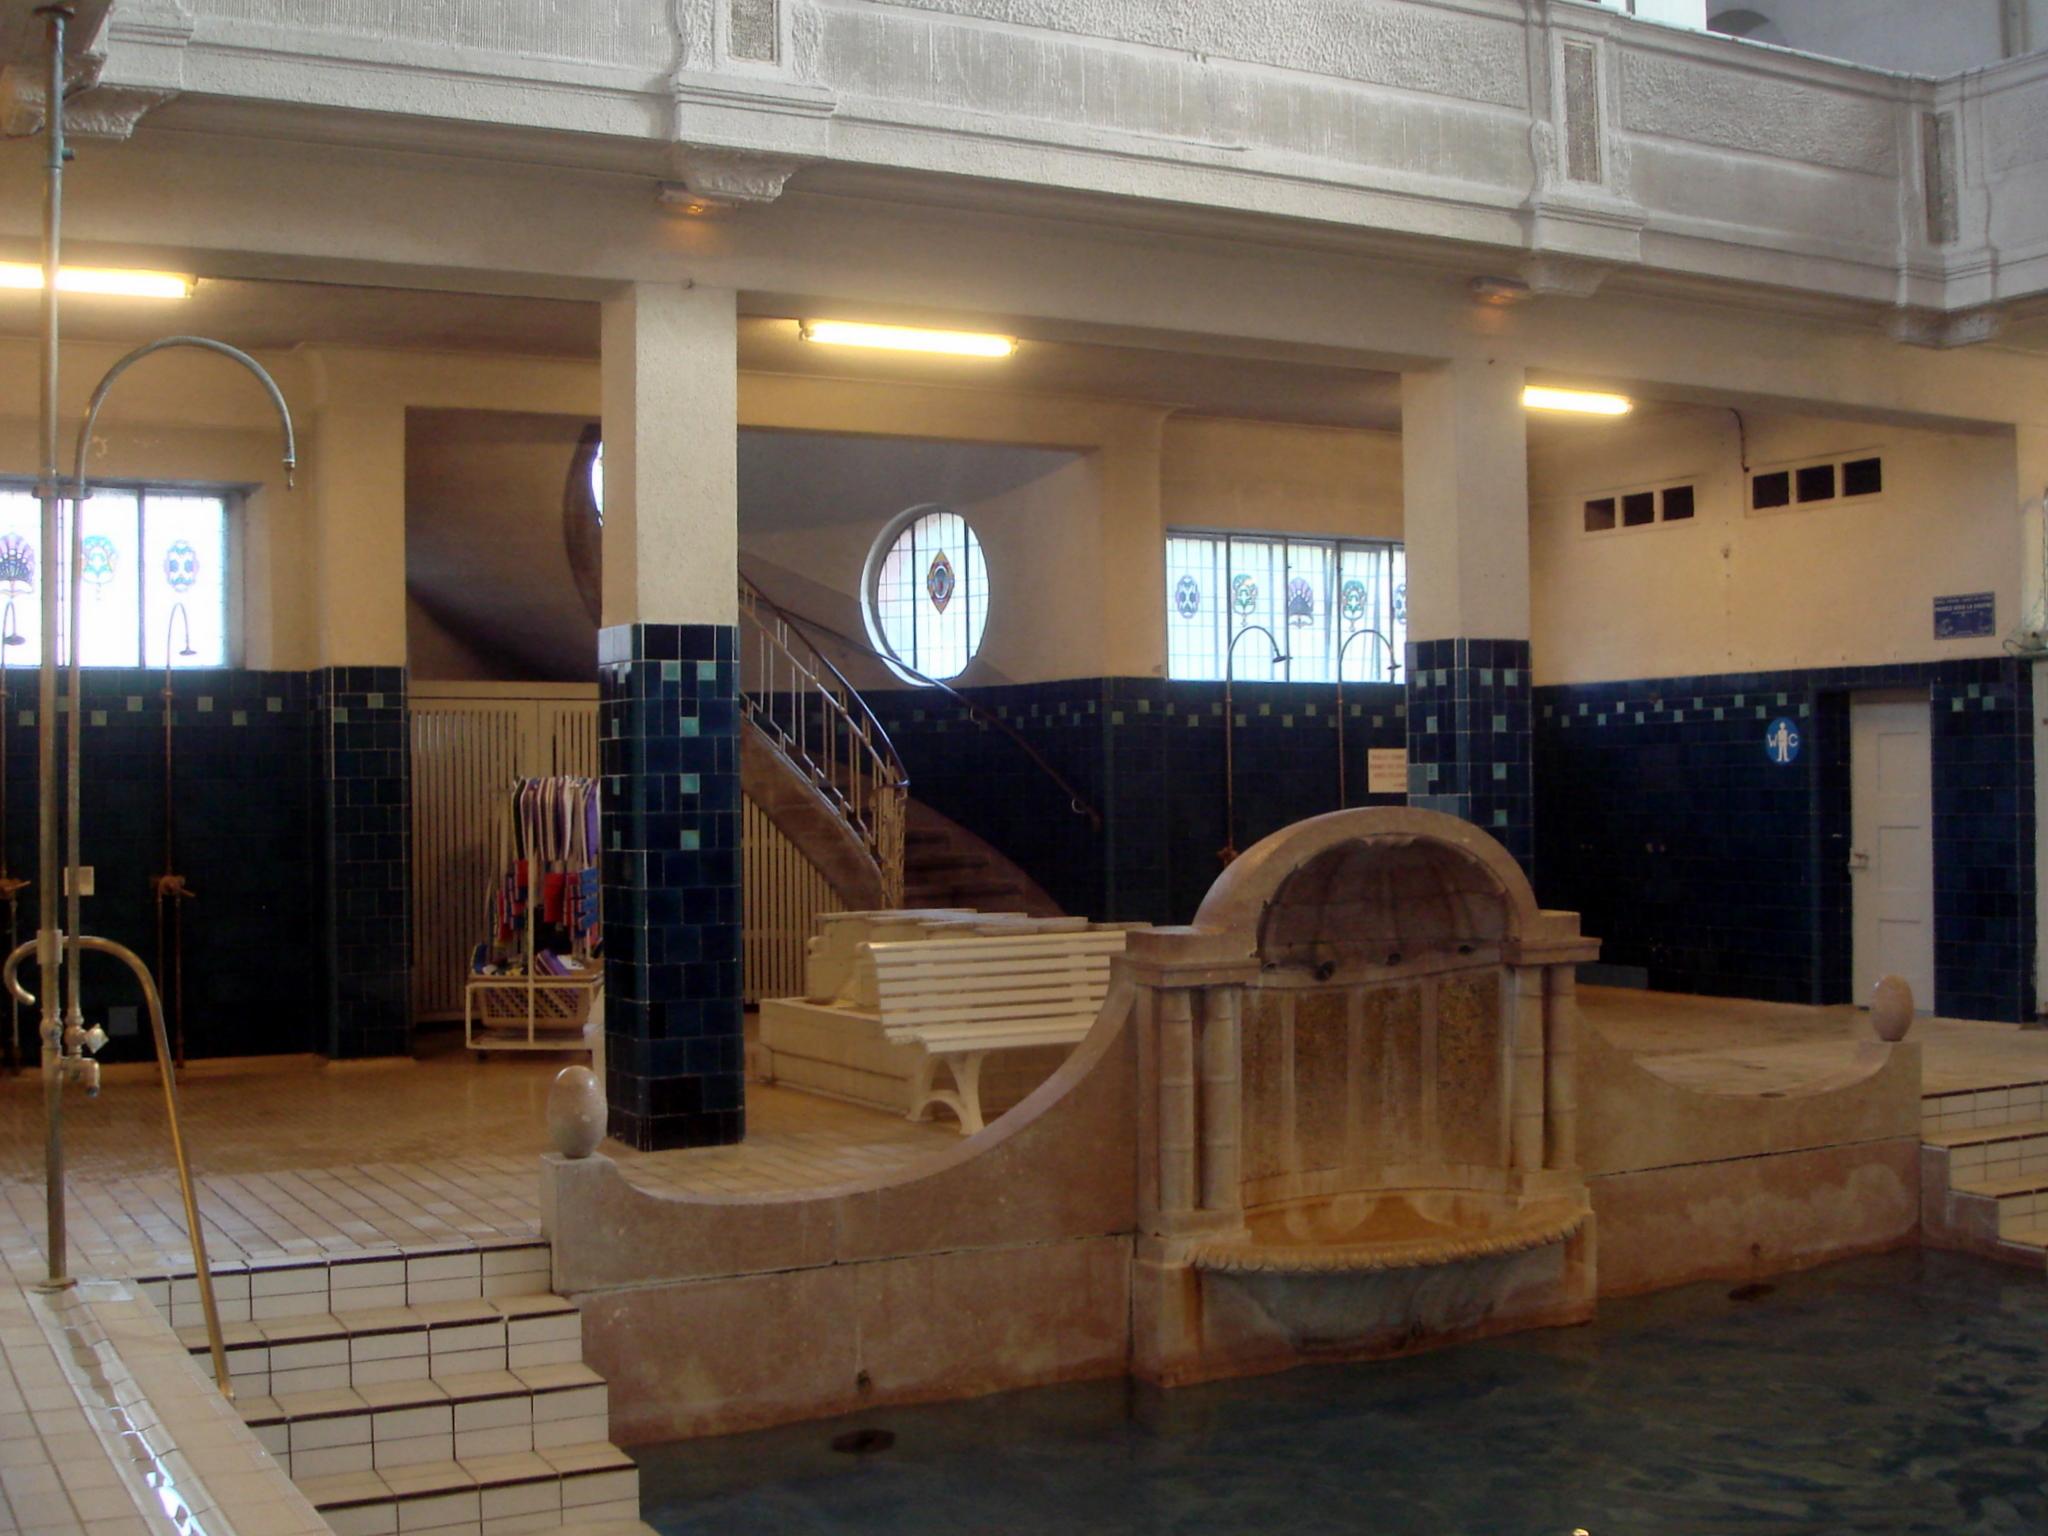 Rencontre Sexe Strasbourg (67000), Trouves Ton Plan Cul Sur Gare Aux Coquines